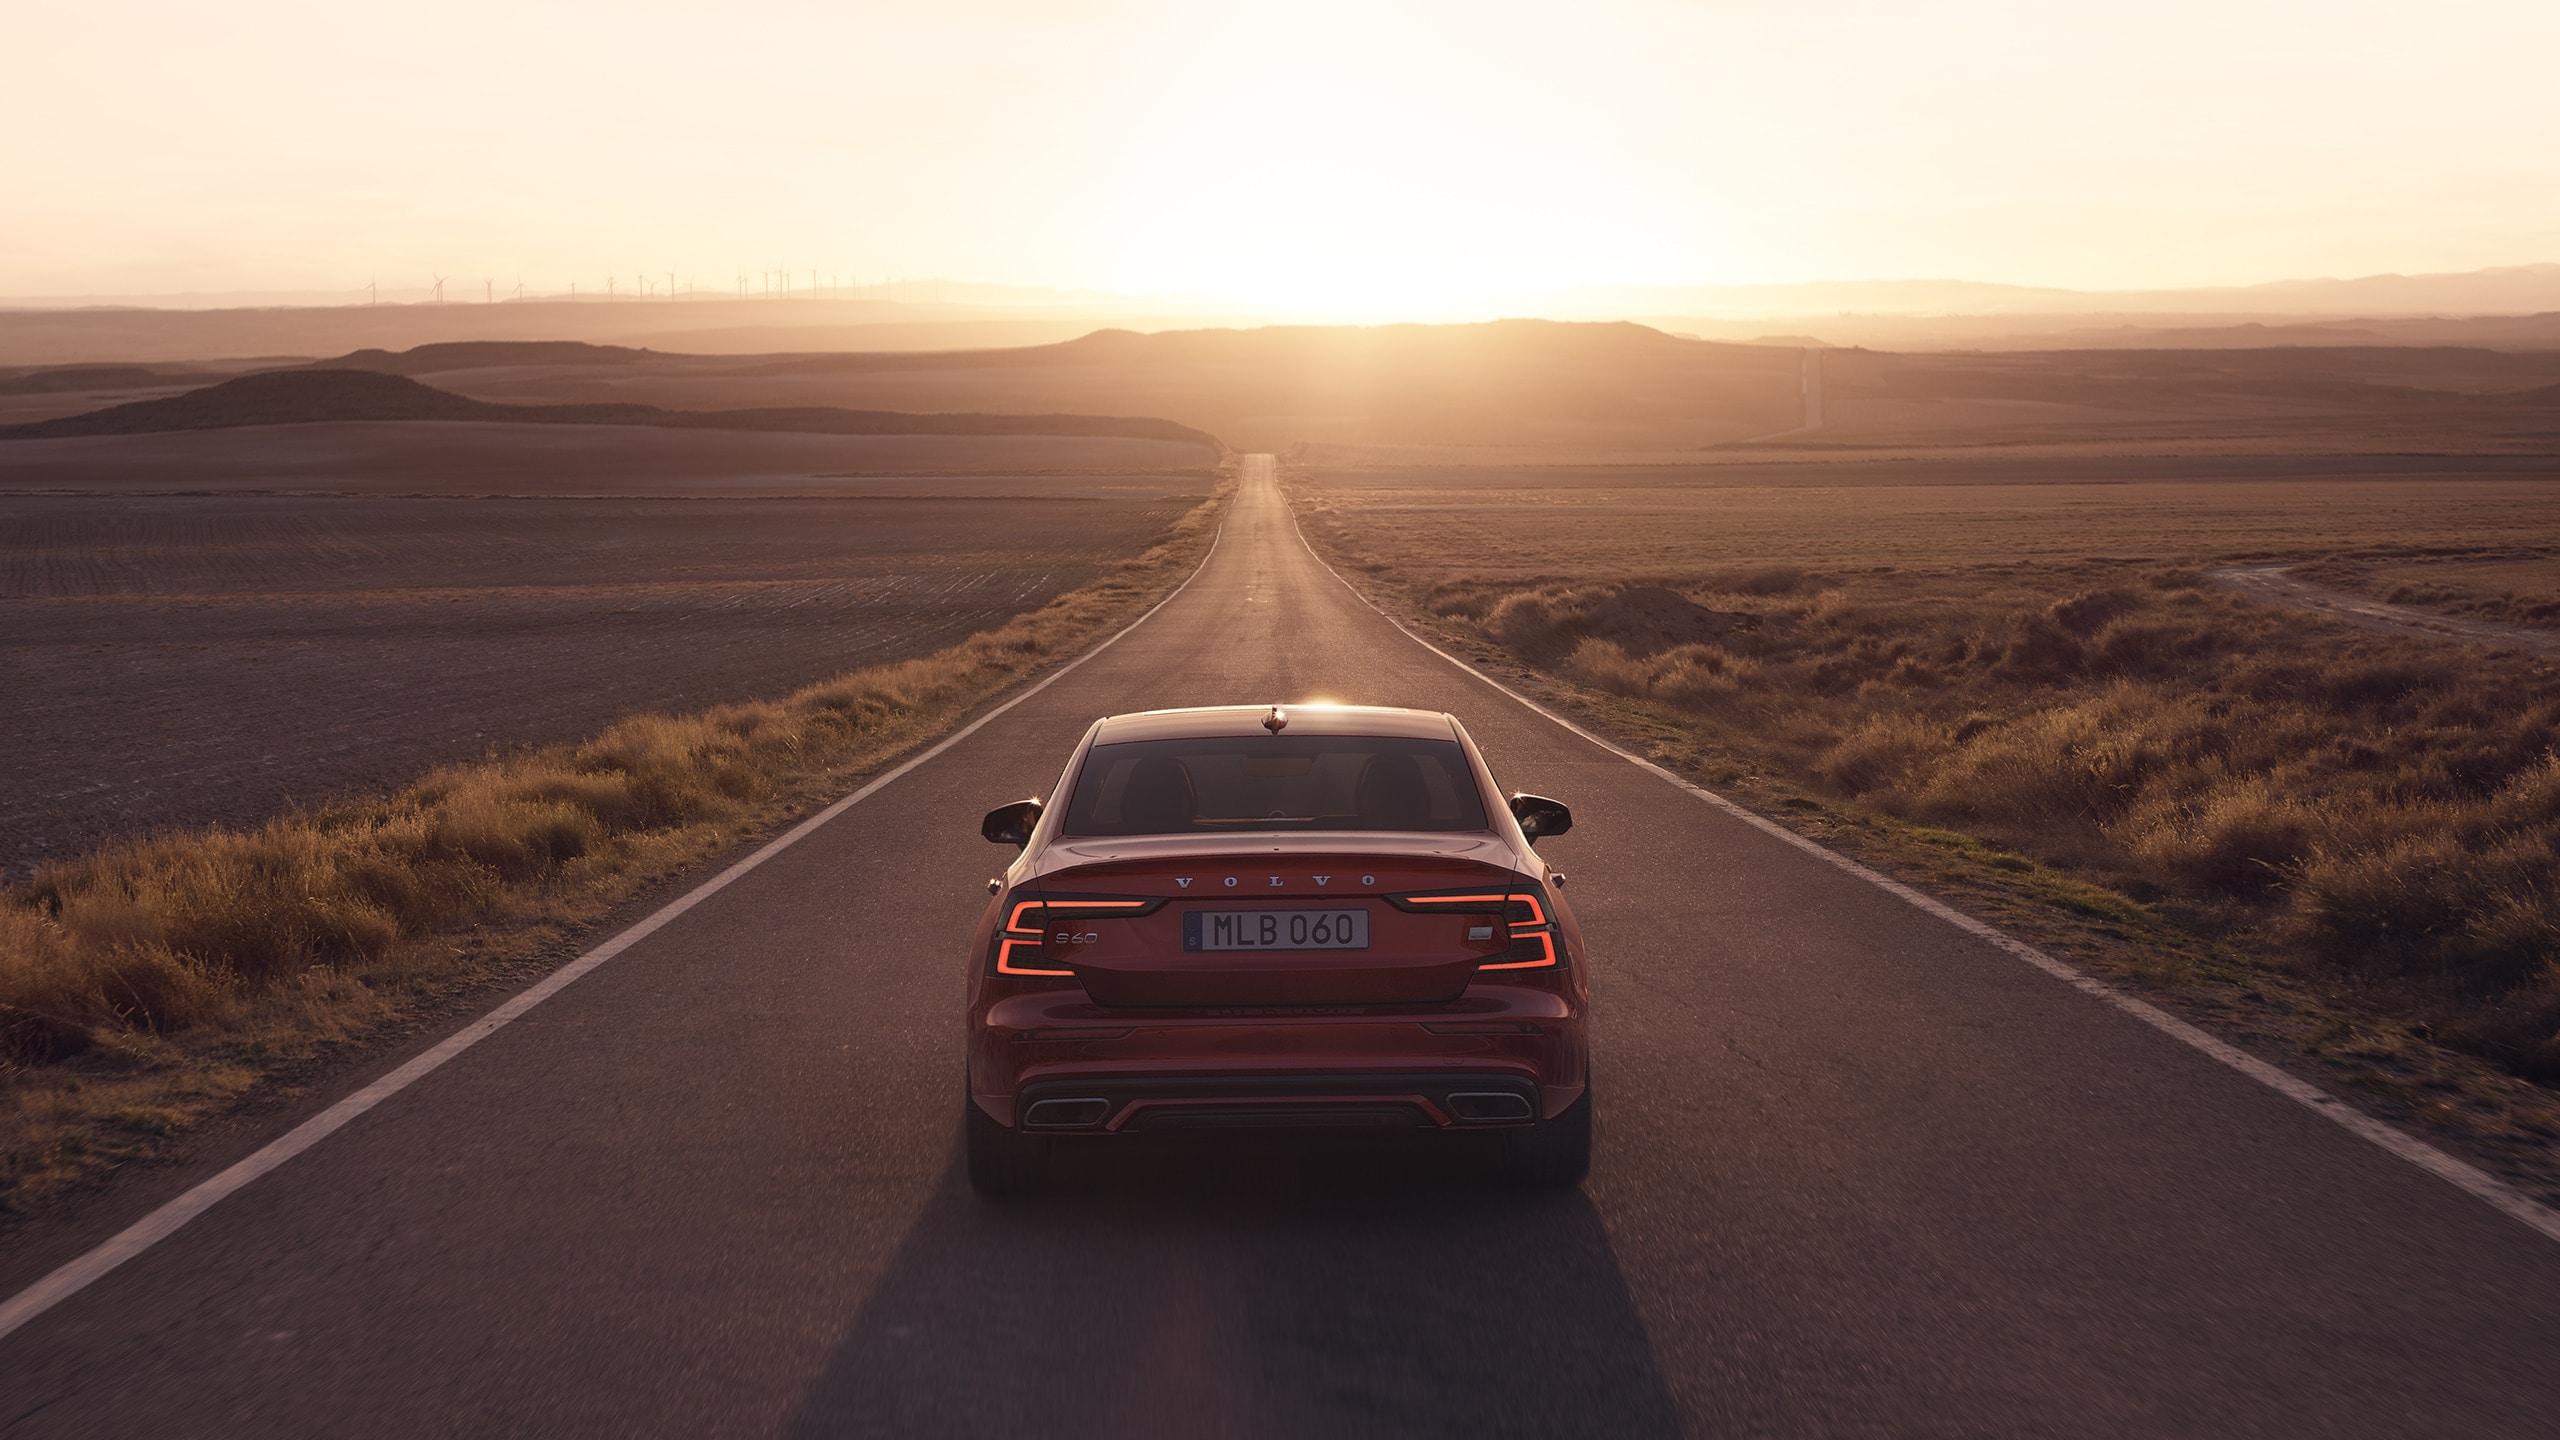 וולוו S60 Recharge אדומה נוסעת בכביש בשעת שקיעה.